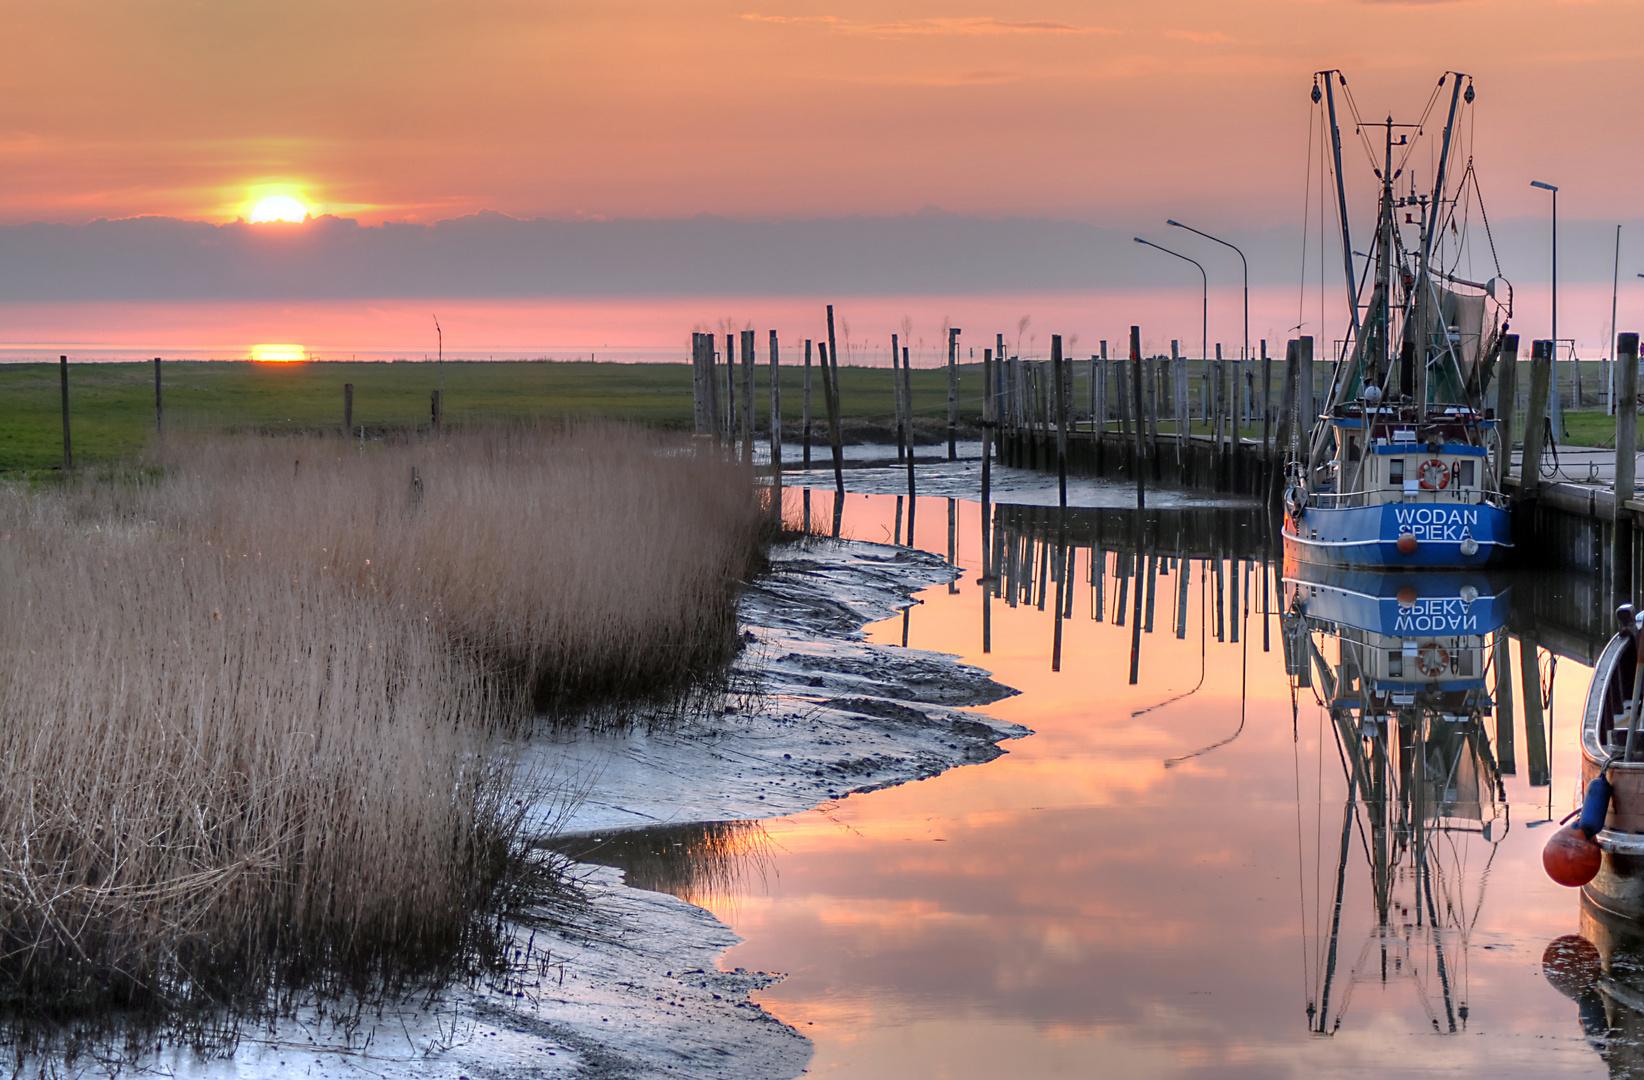 Sonnenuntergang im Kutterhafen